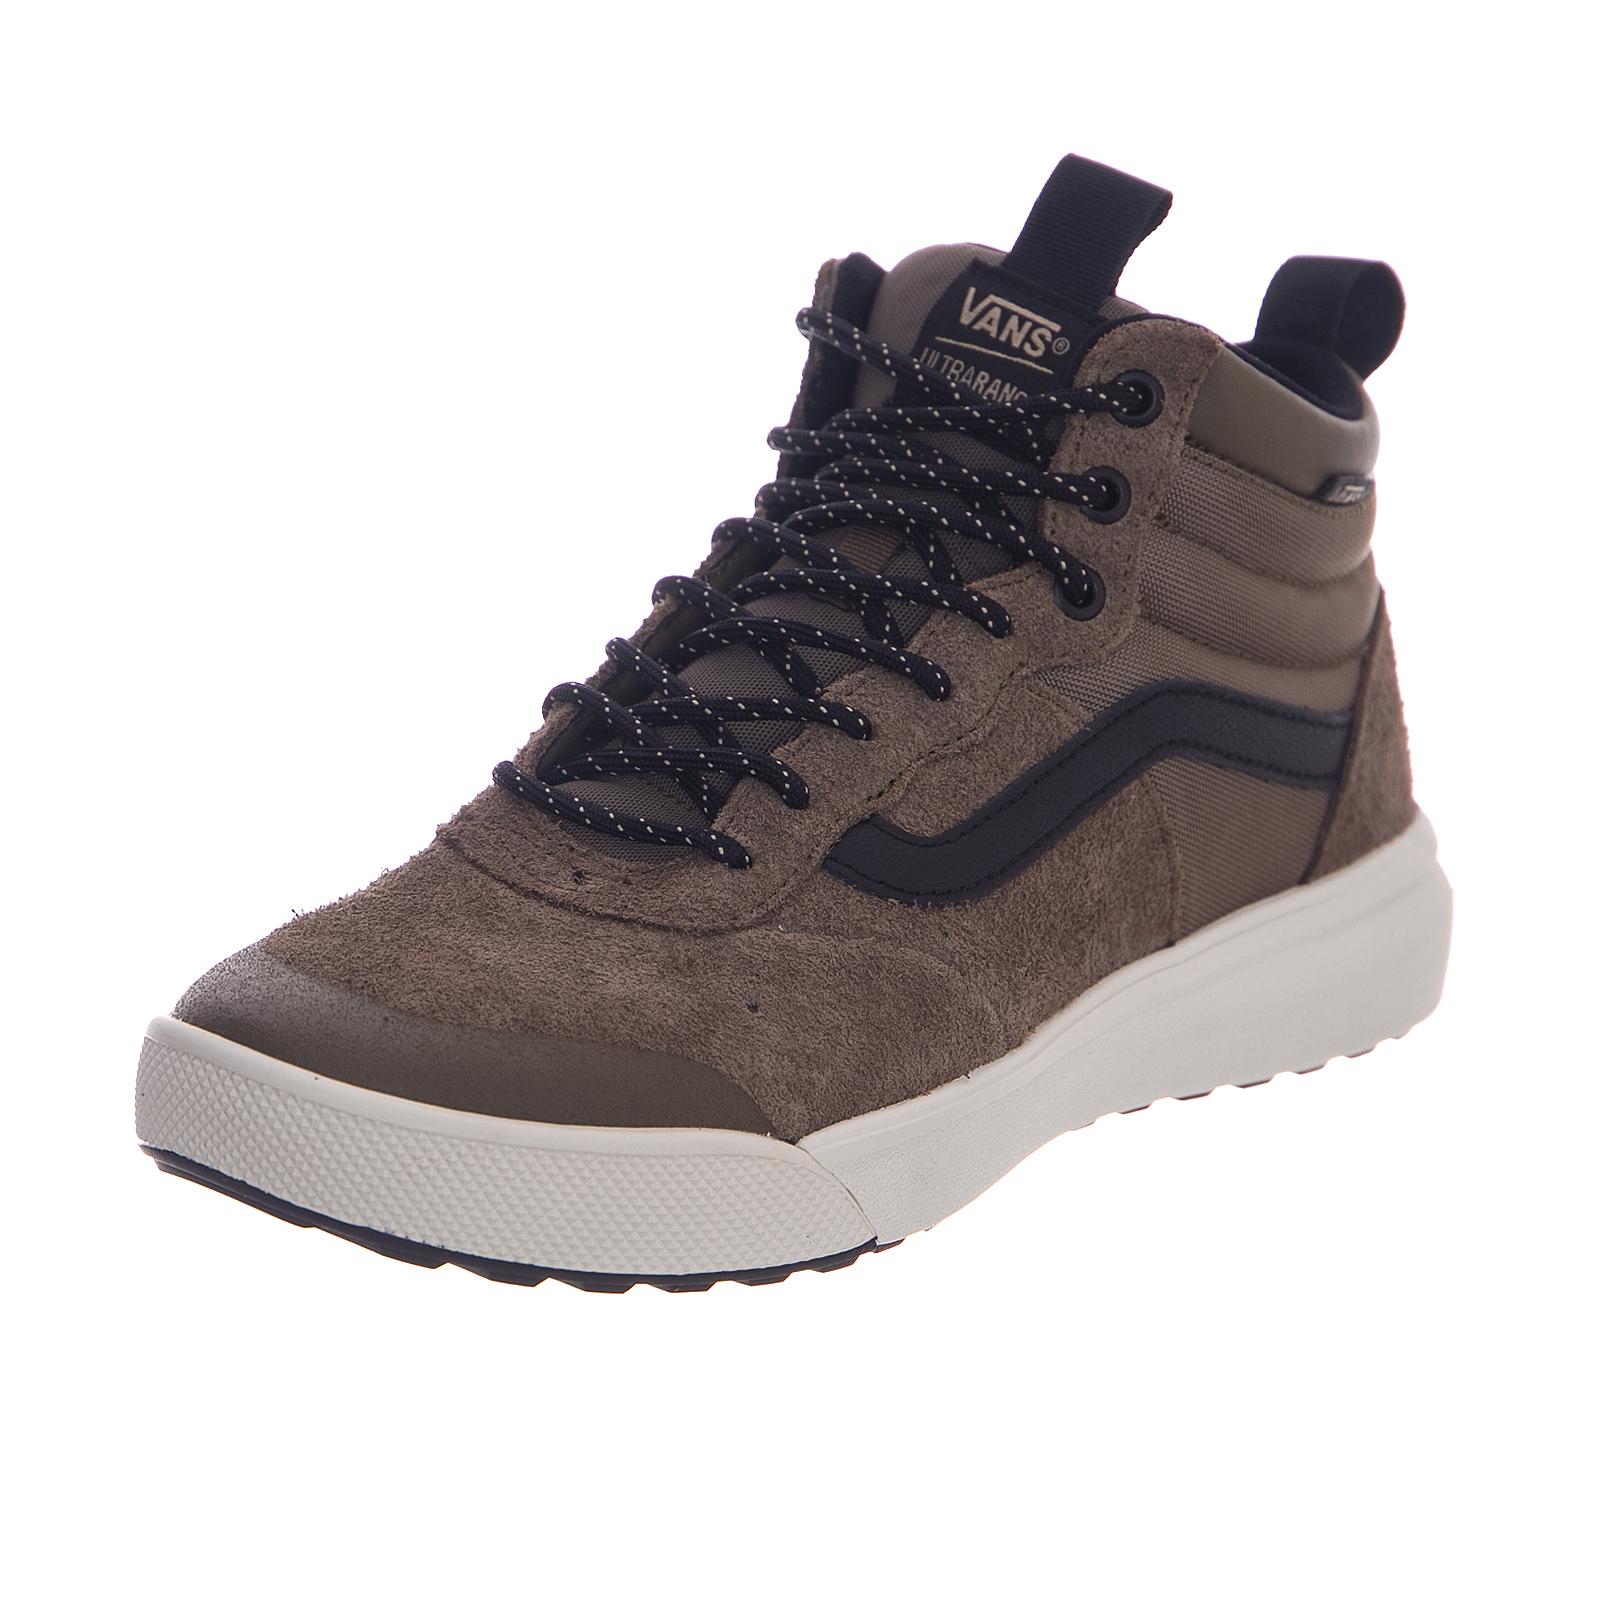 382cab23a Vans zapatillas de deporte U Ultrarange Hola Cub malvavisco marrón